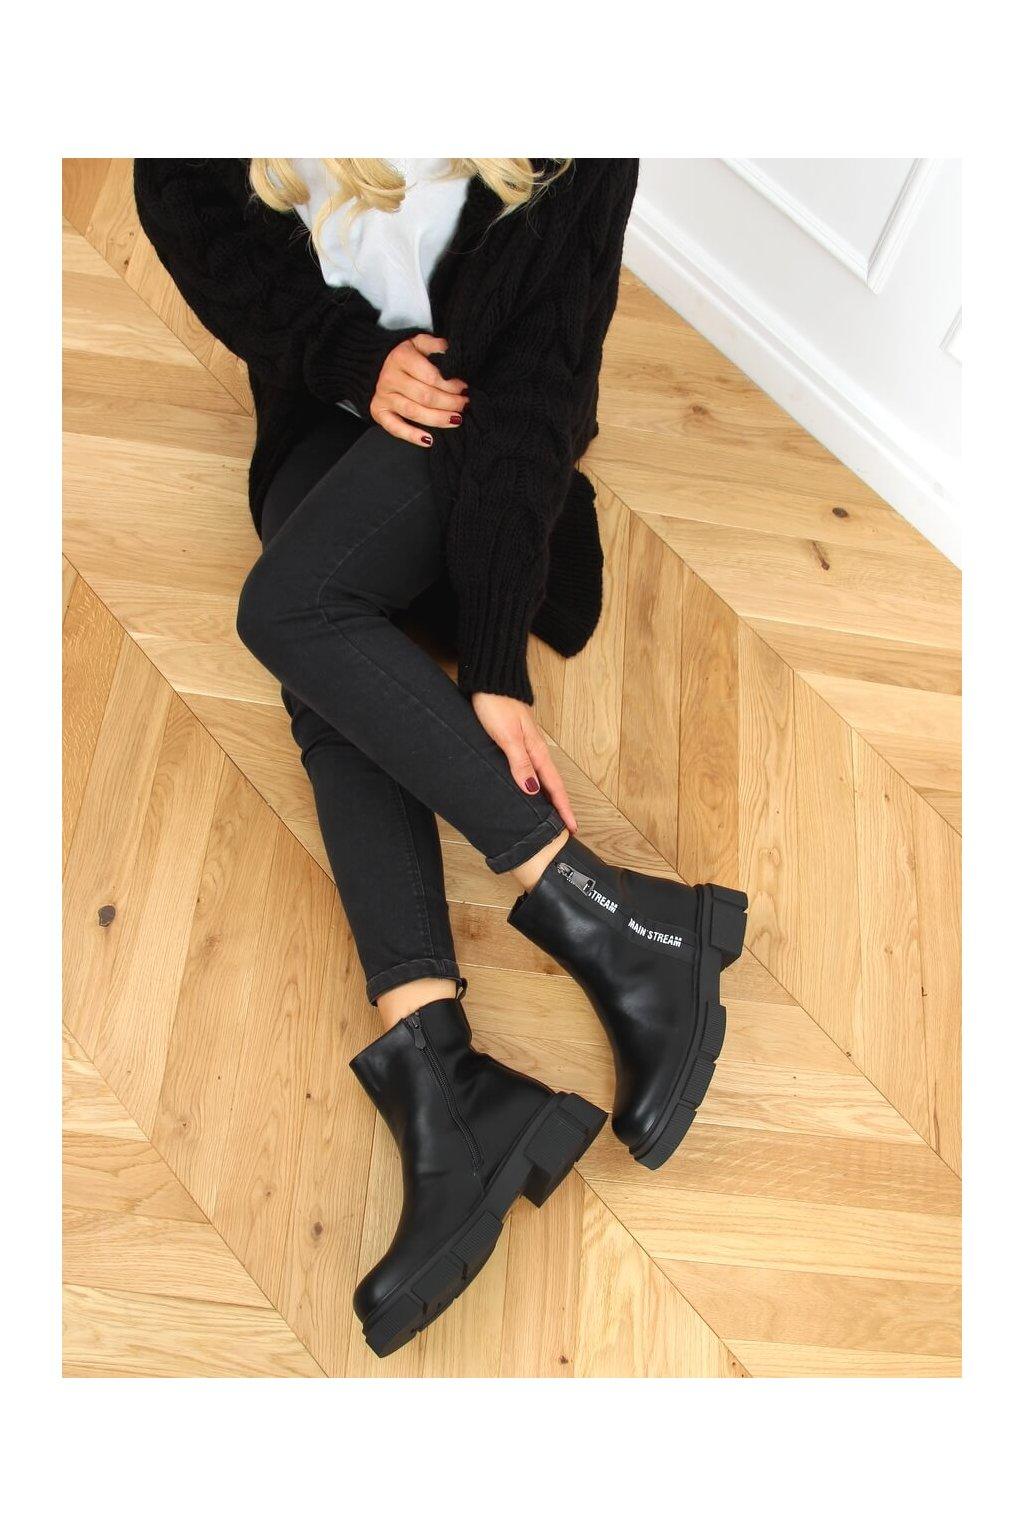 Dámske členkové topánky čierne na plochom podpätku HB-78